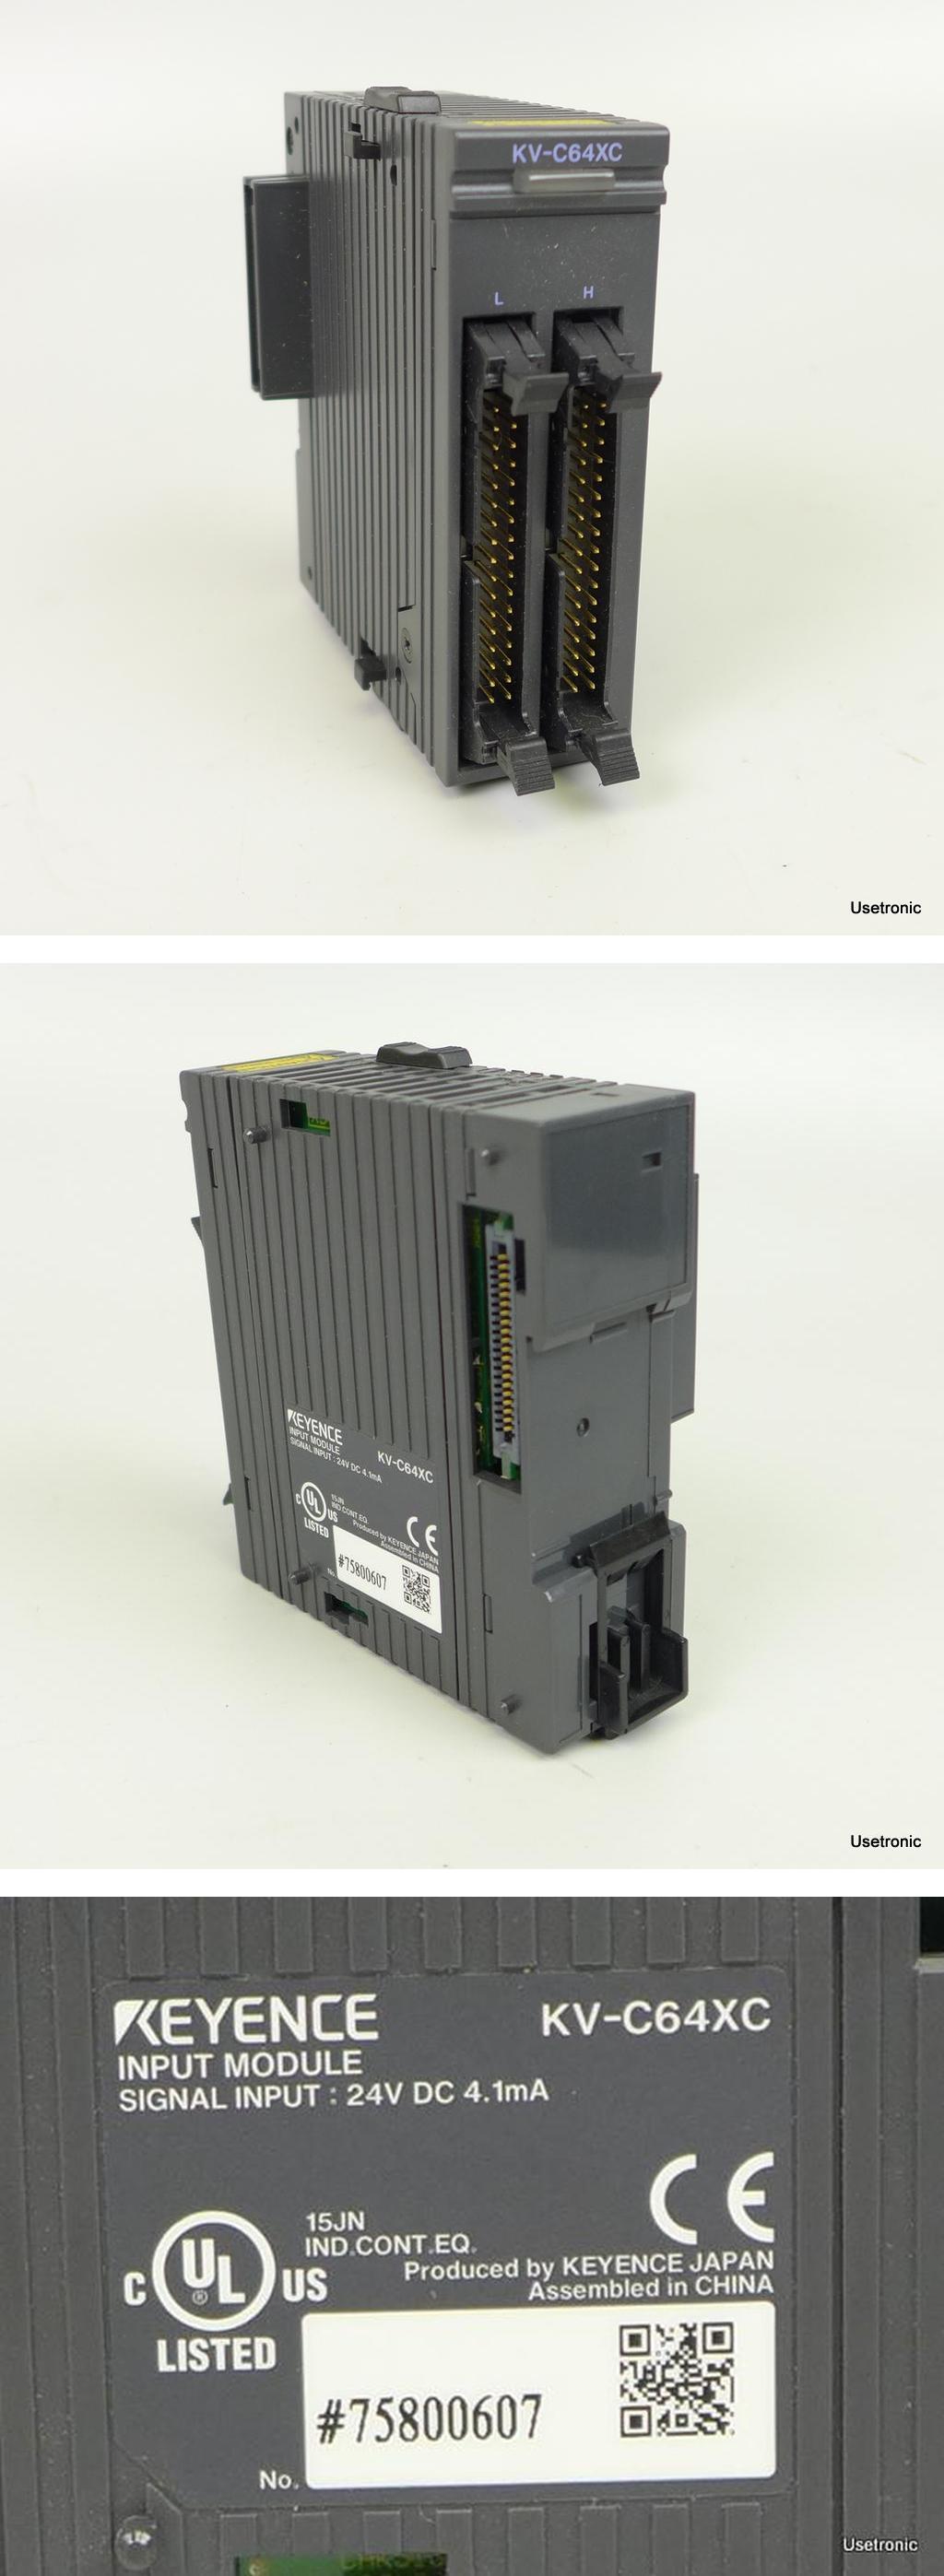 Keyence KV-C64XC